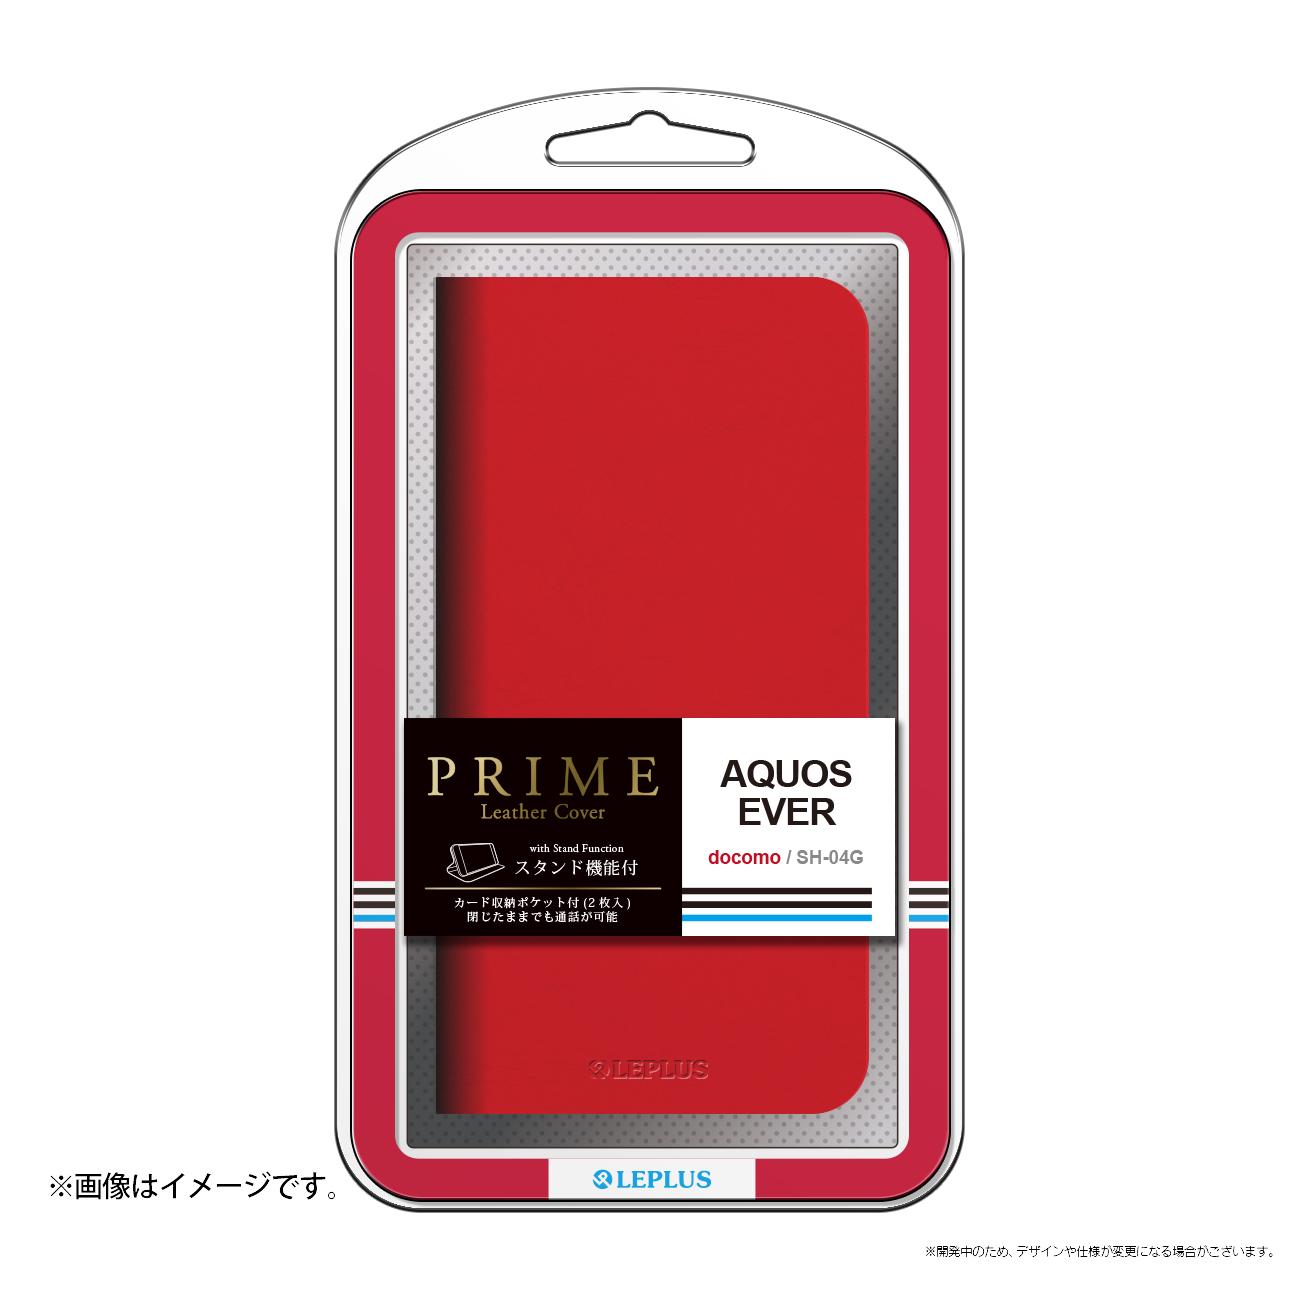 AQUOS EVER SH-04G ブックタイプPUレザーケース「PRIME」 レッド